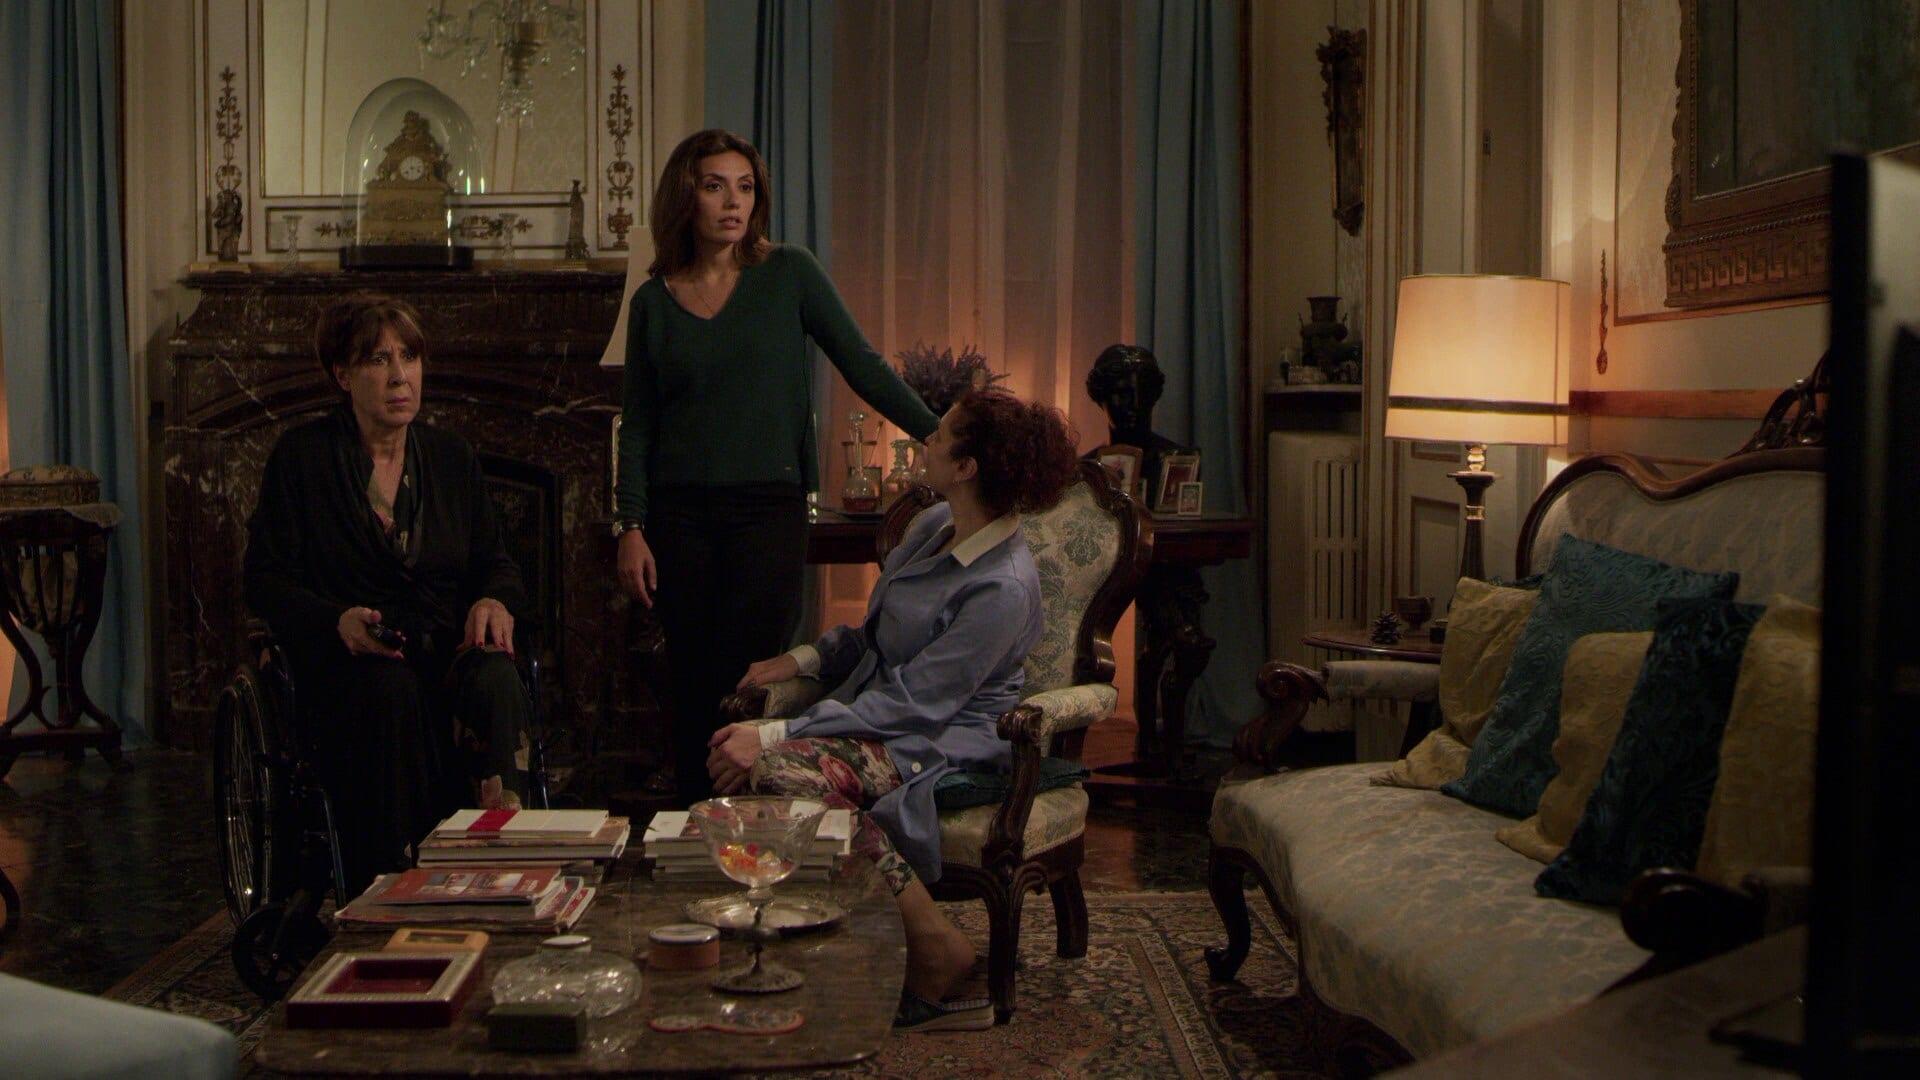 Fiction Club · Mina Settembre secondo appuntamento. Con protagonista Serena Rossi, in onda in prima visione assoluta su RaiUno